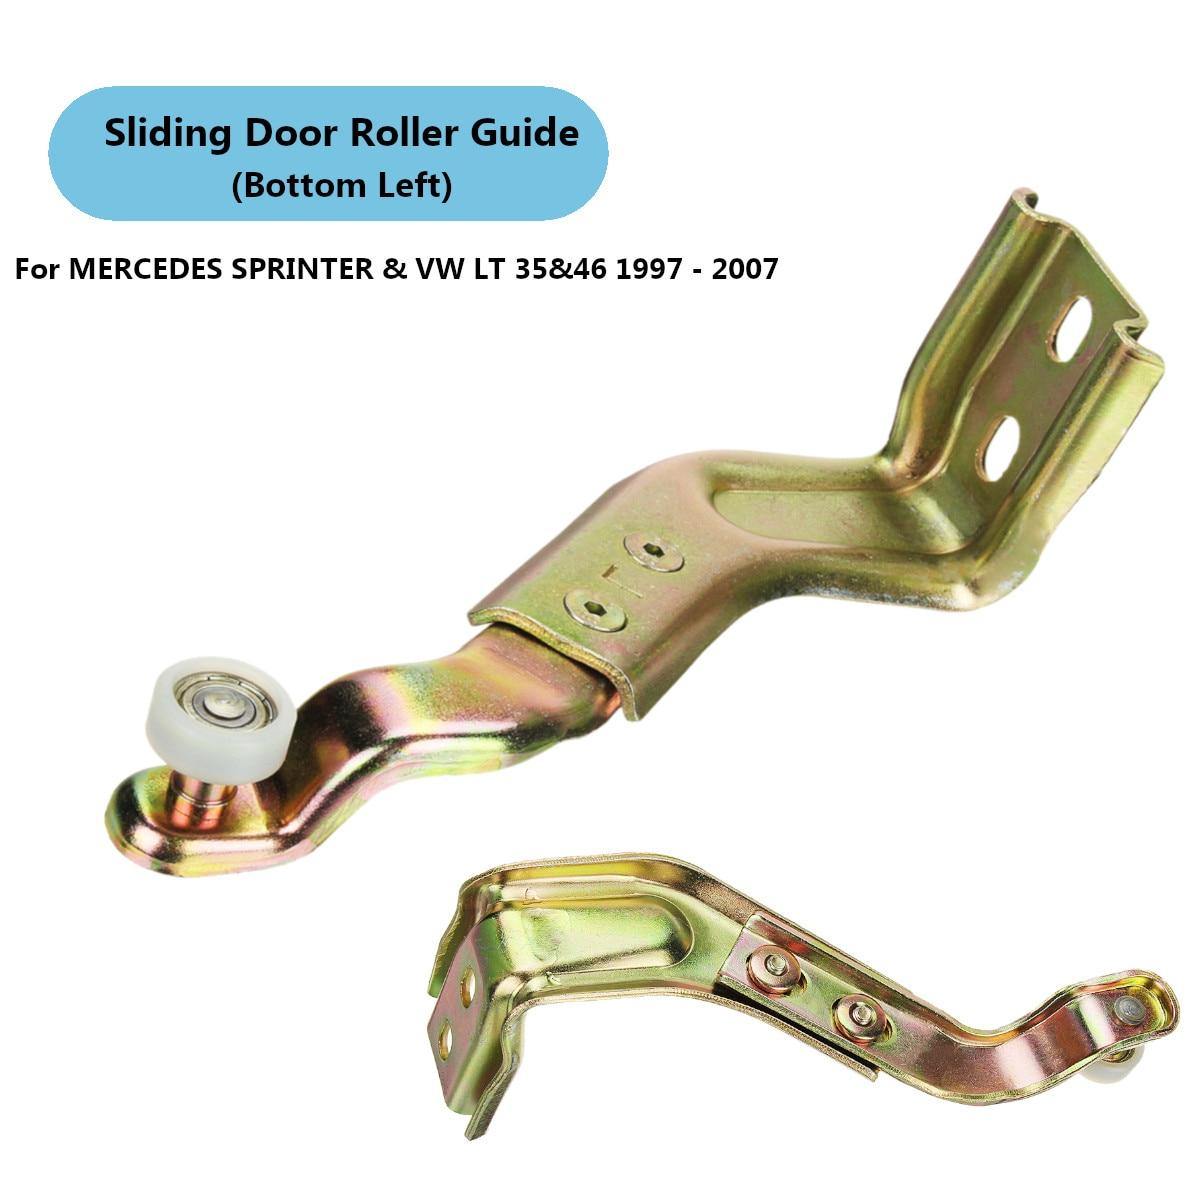 Guía de rodillos para puerta deslizante inferior izquierda 9017600028 901 760 00 28 para MERCEDES SPRINTER para VW LT 35 y 46